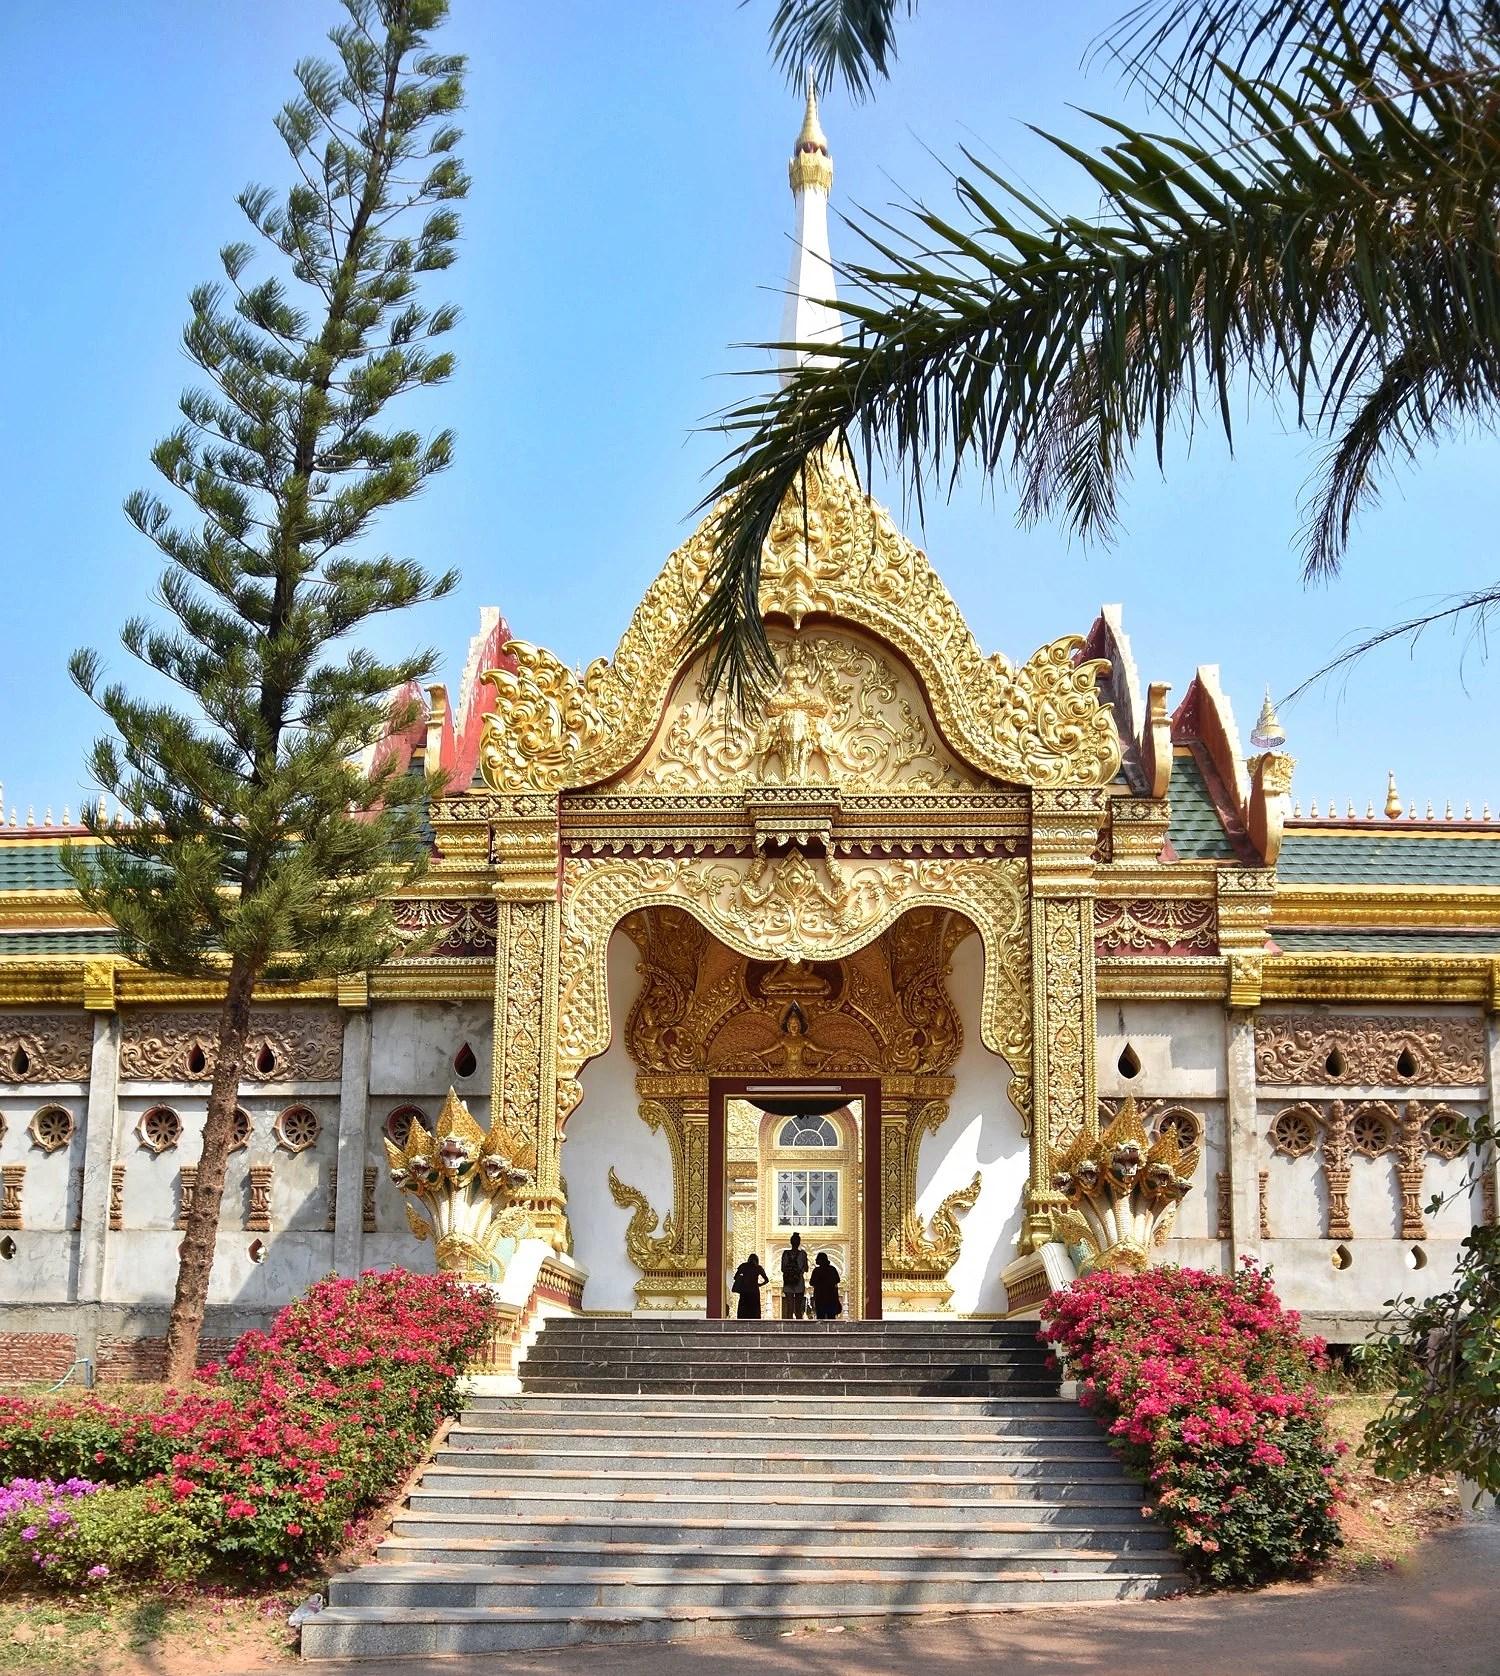 One of Thailand's hidden treasures